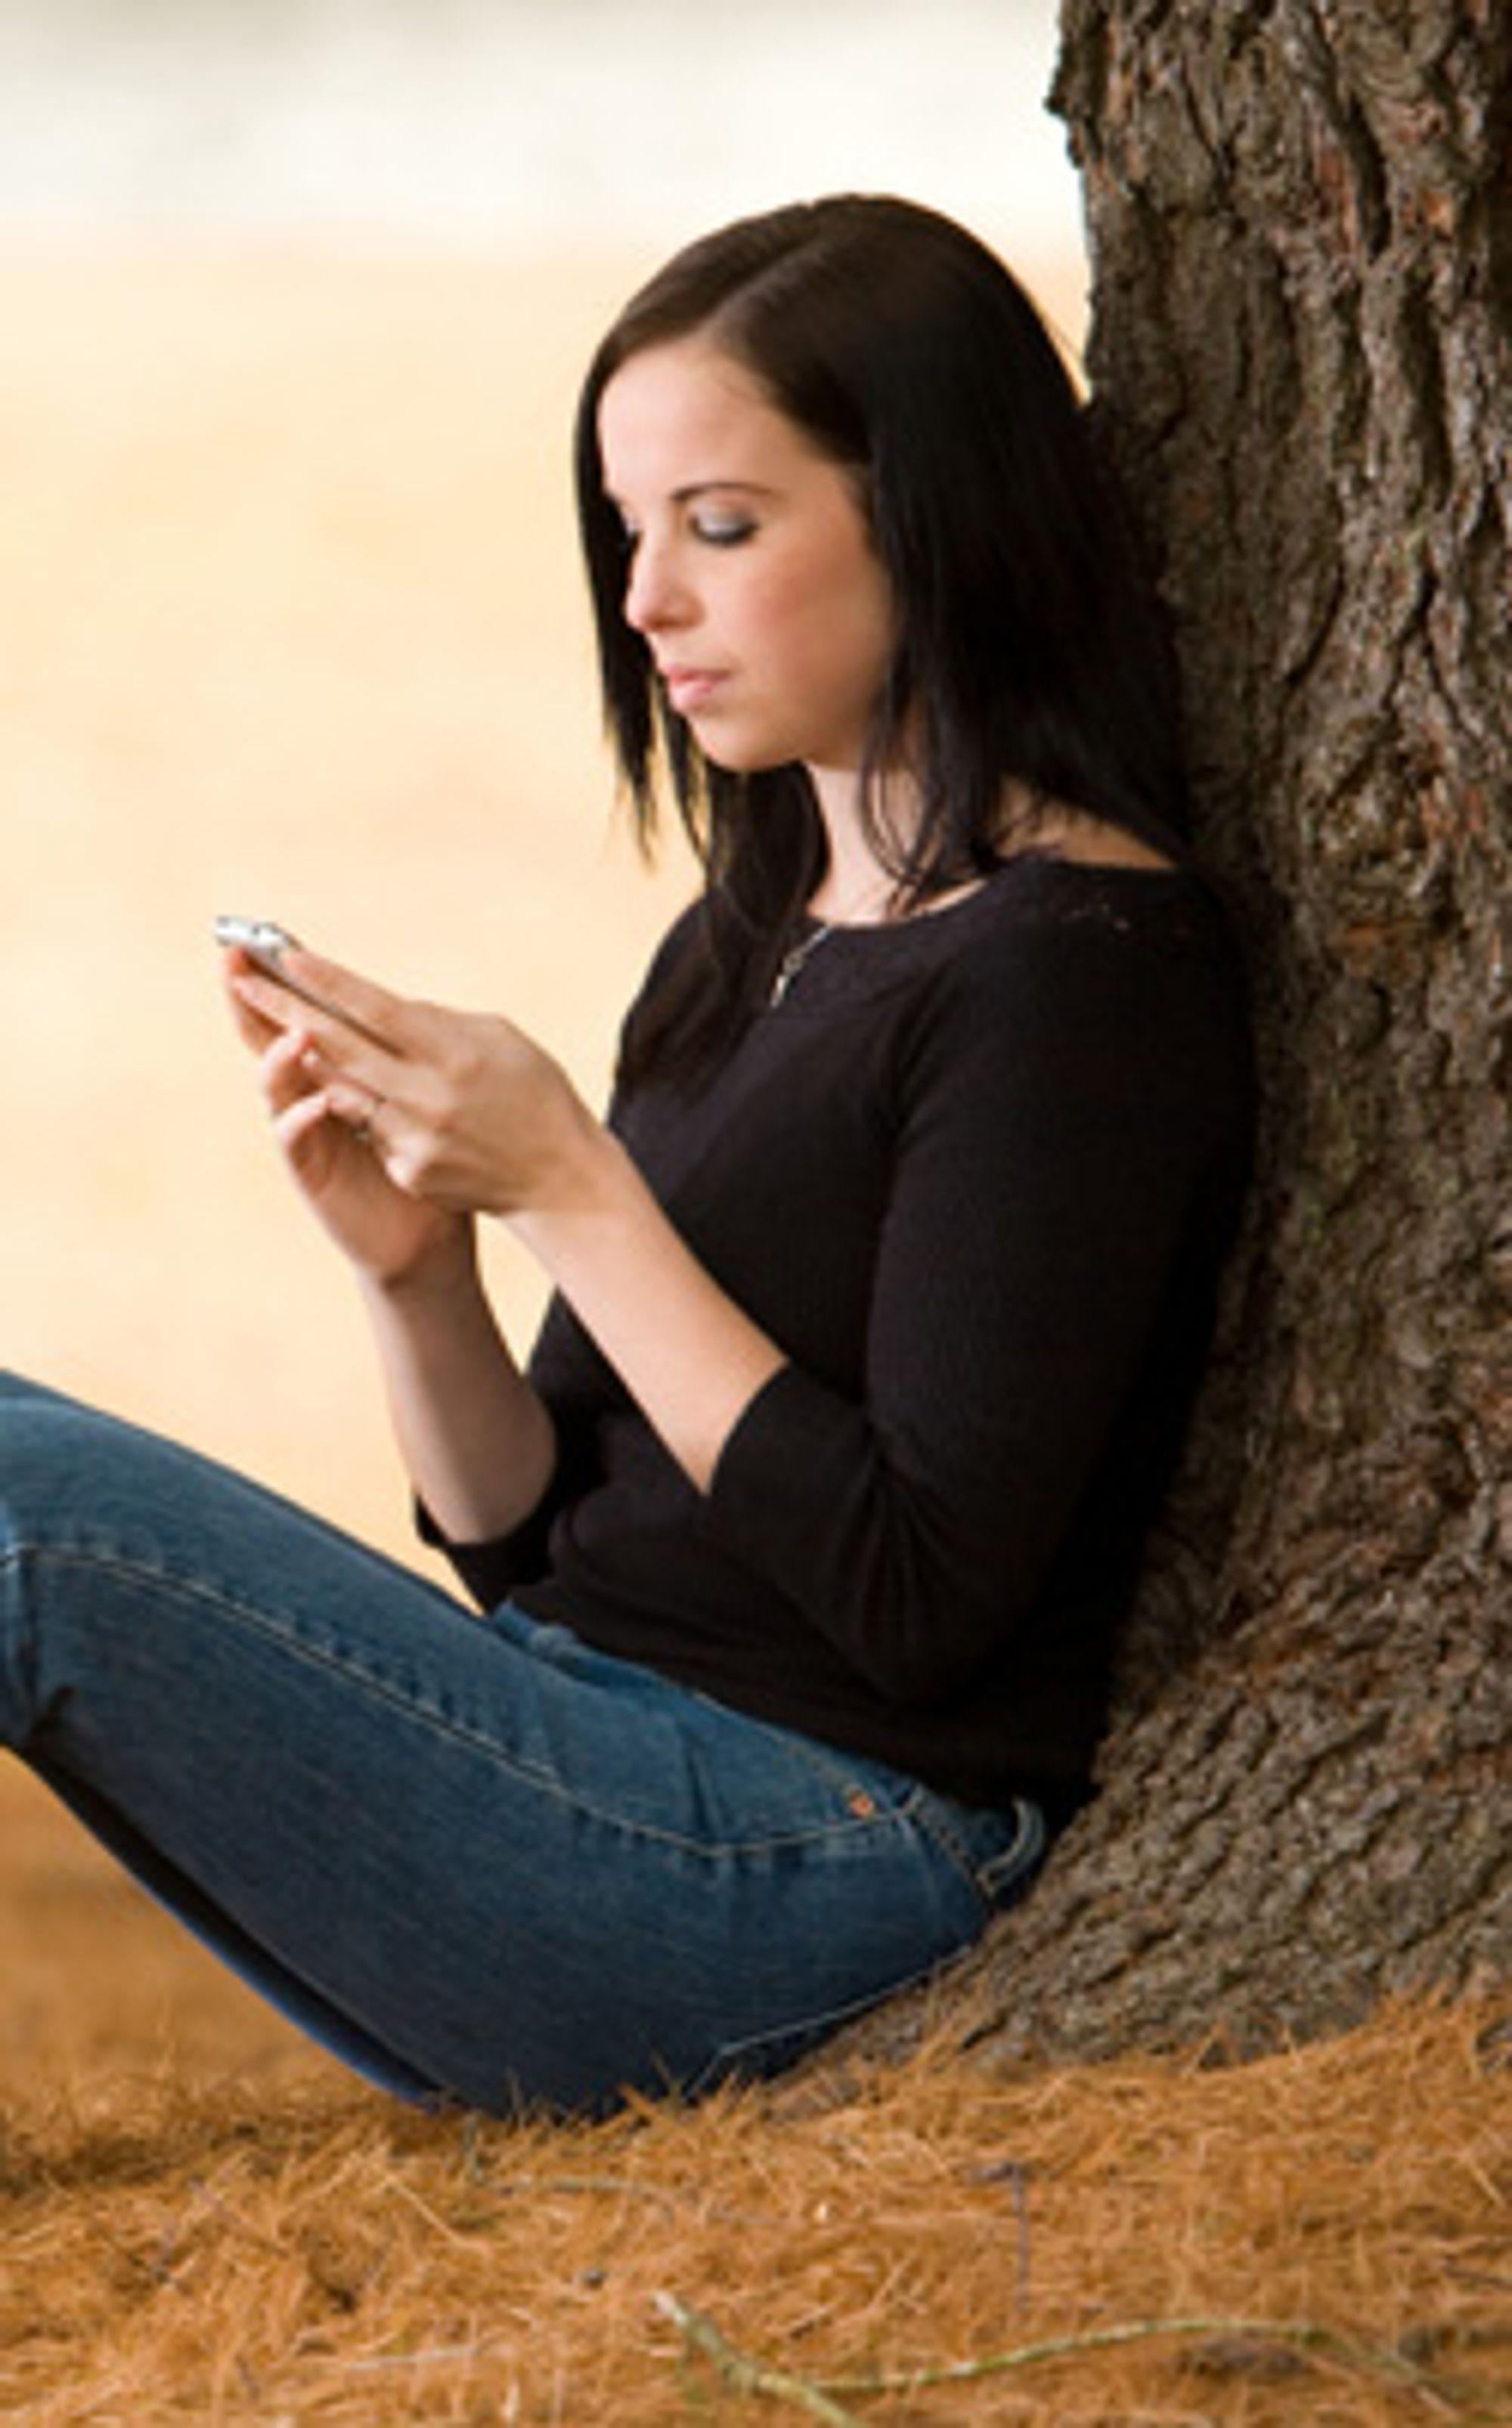 Nå kan Djuice-kunder sende gratis SMS til venner med Djuice-abonnement. (Foto: Istockphoto / Paul Kline)